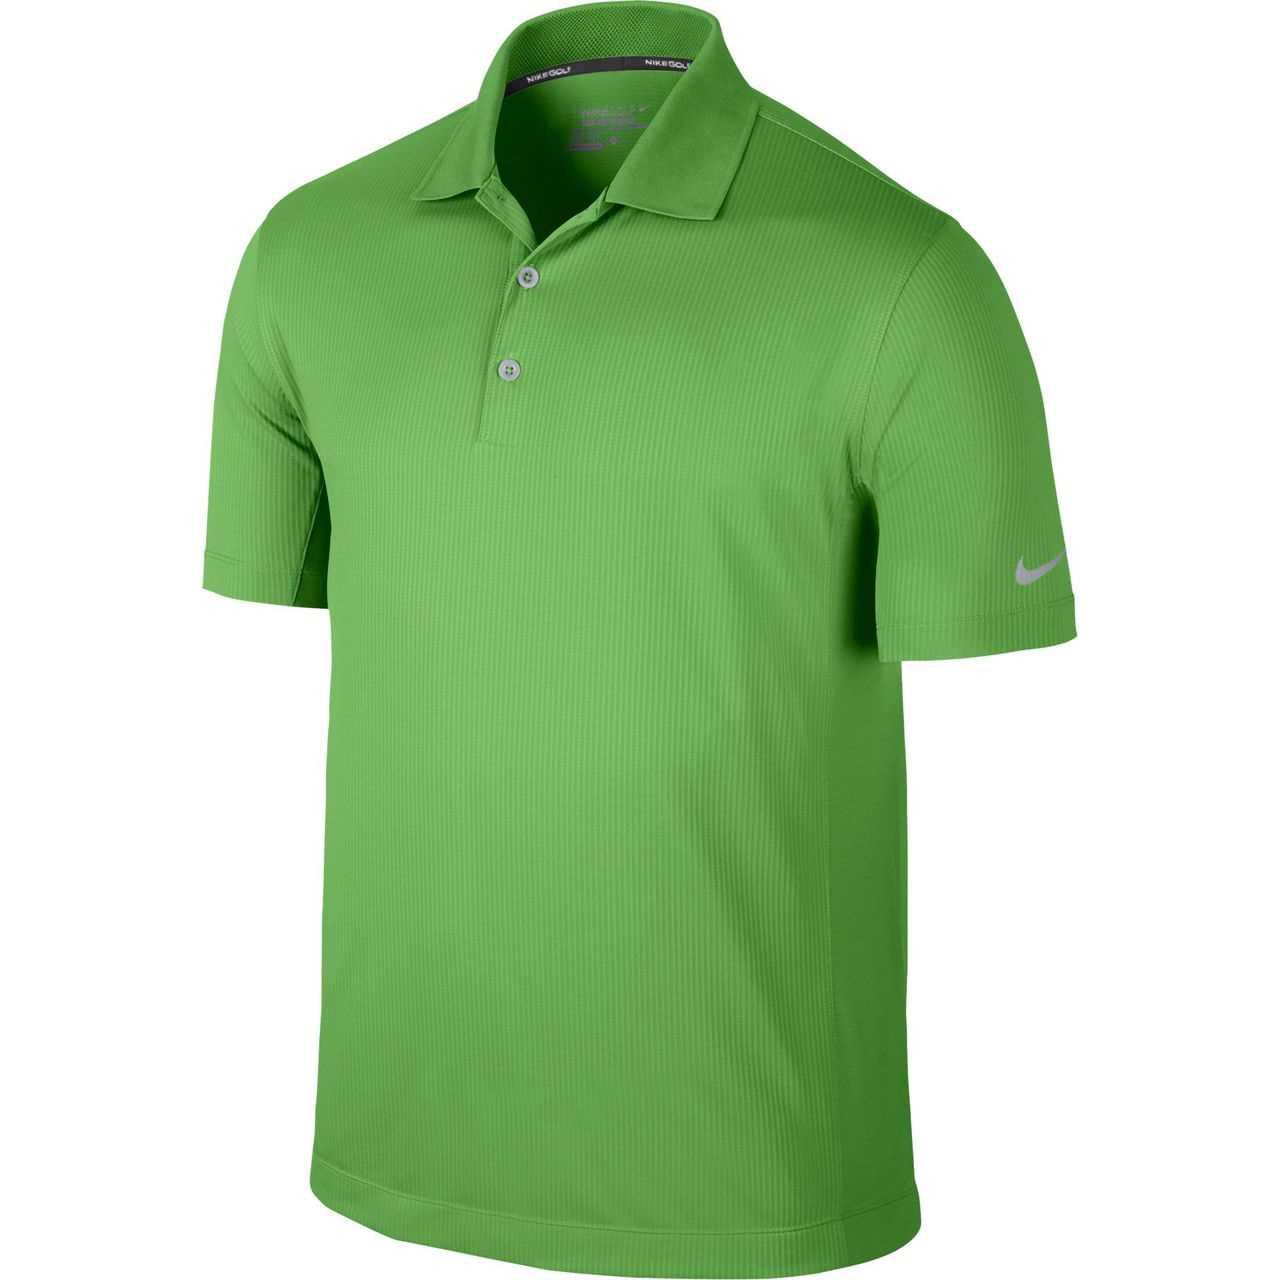 284e2399a Nike Golf Tech Vent Polo DOVE GREY/ANTHRACITE XL - Lt Green Spark ...